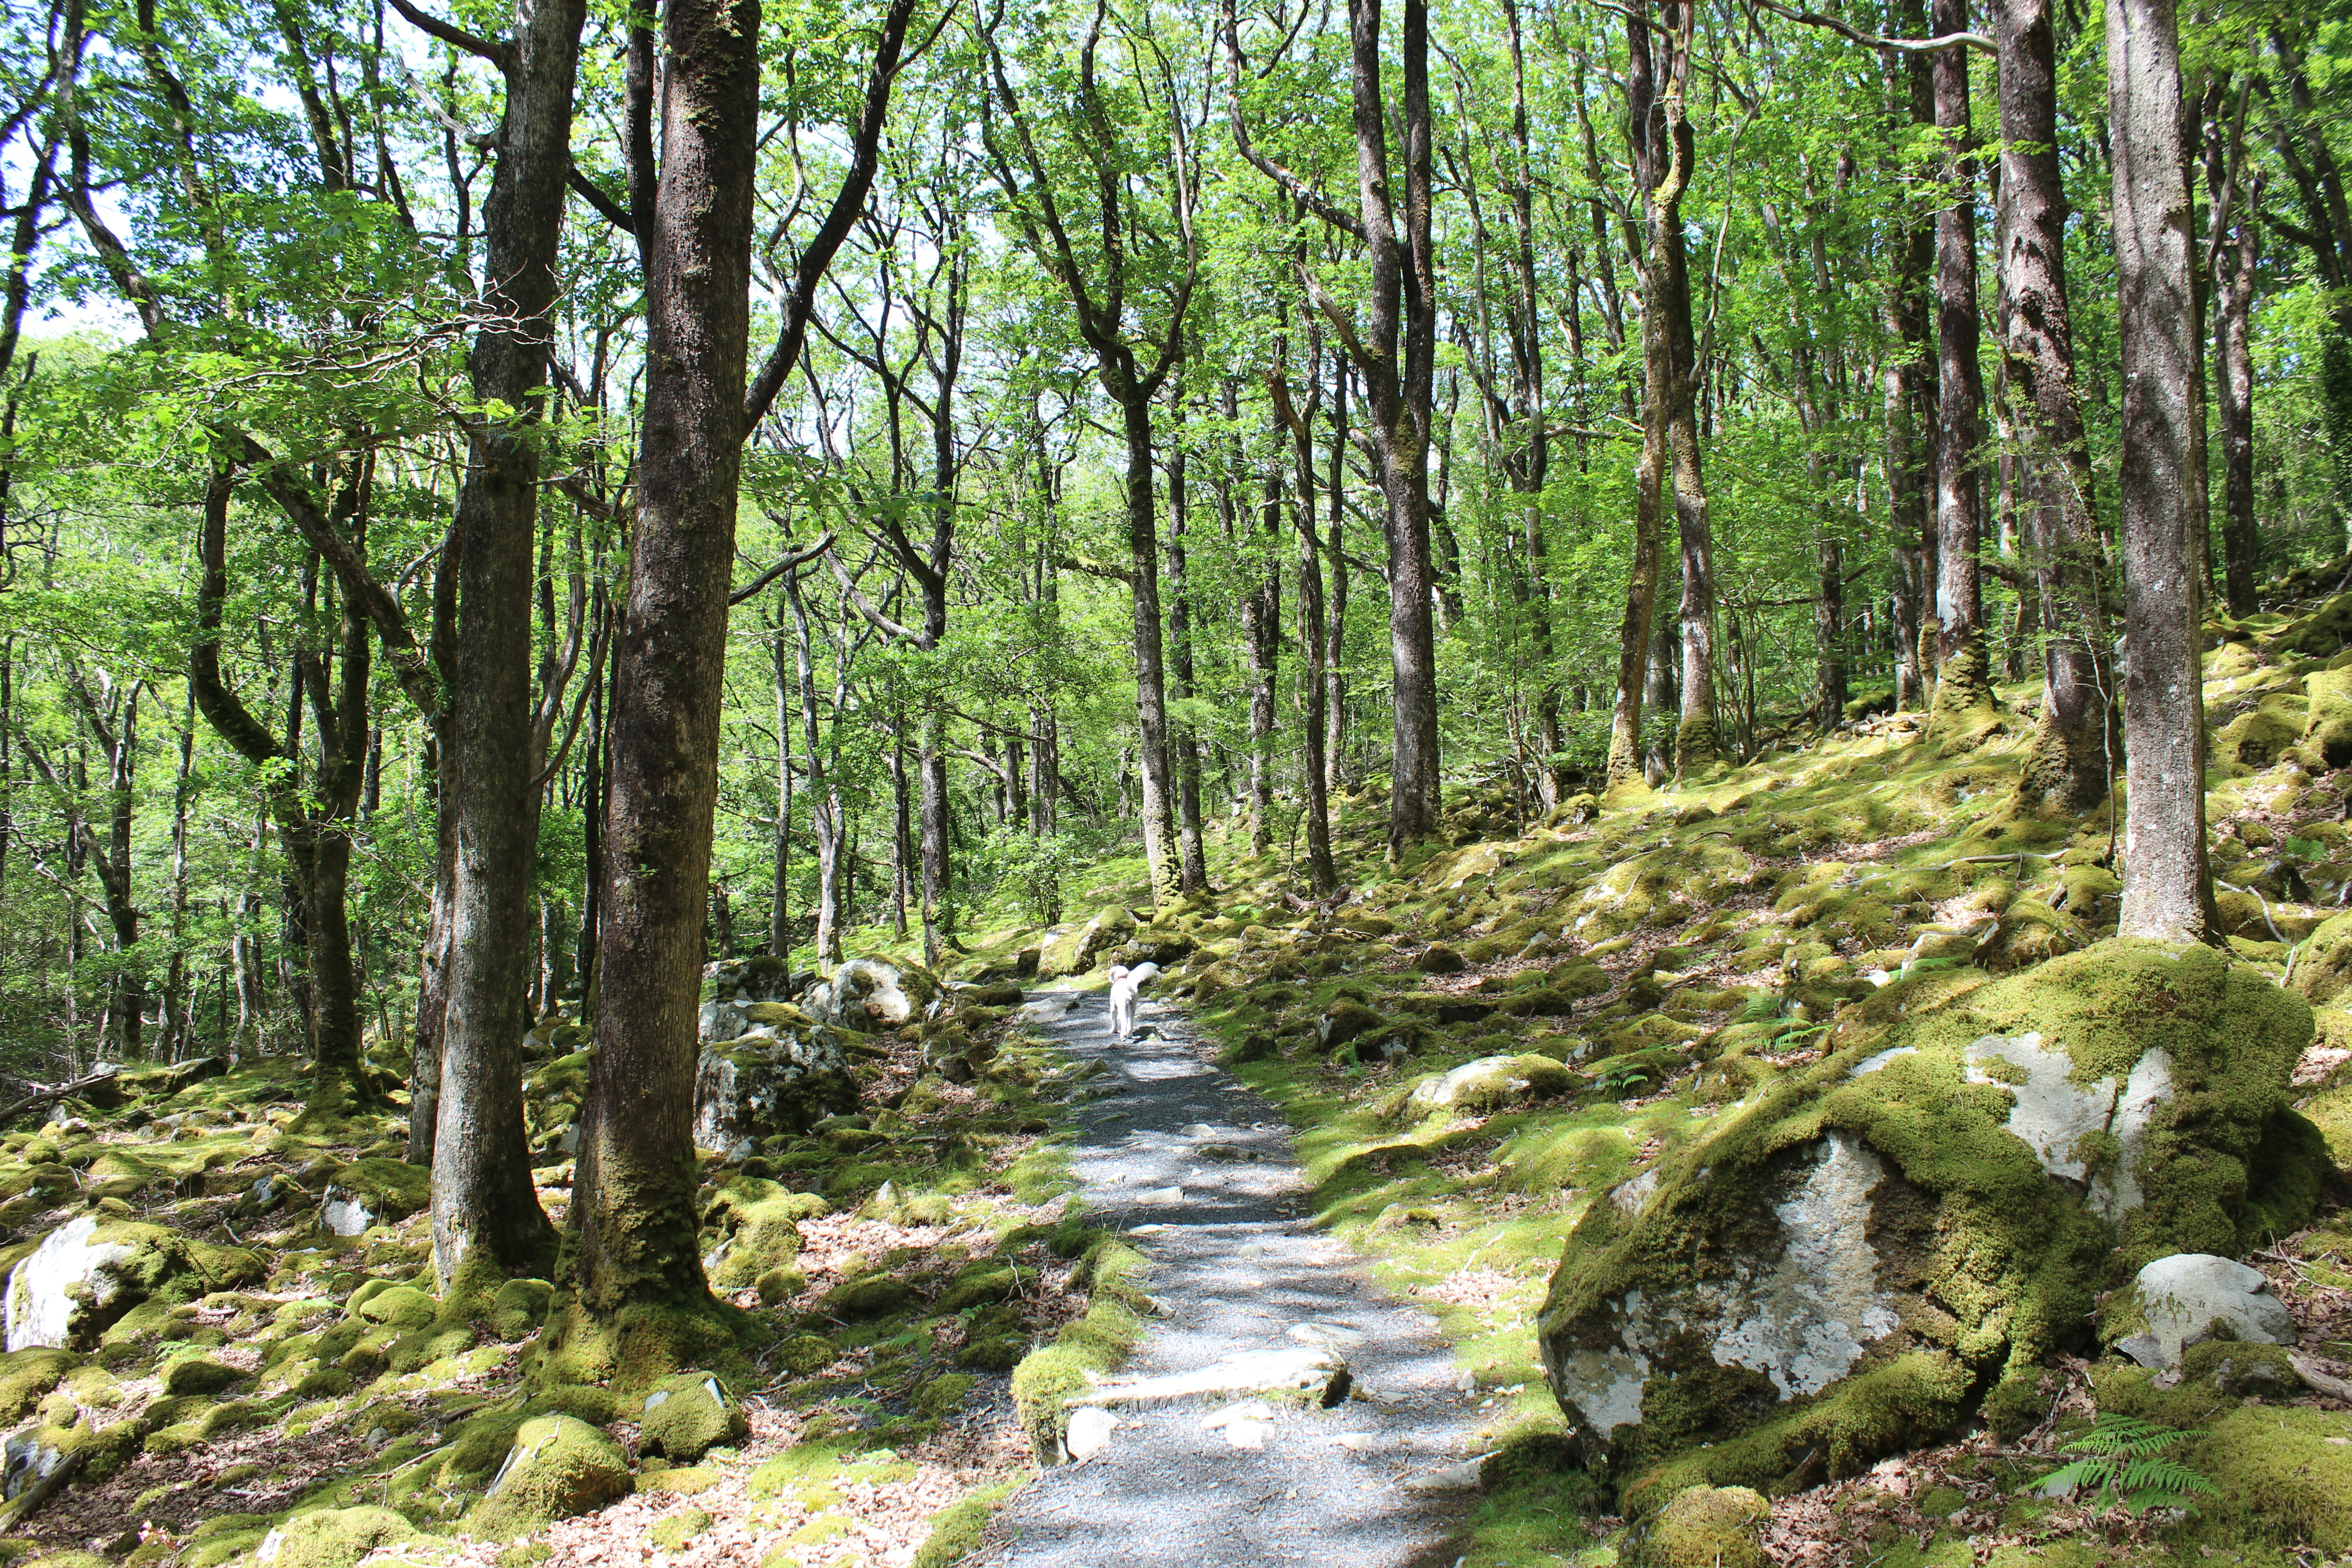 Woodland at Dolmelynllyn